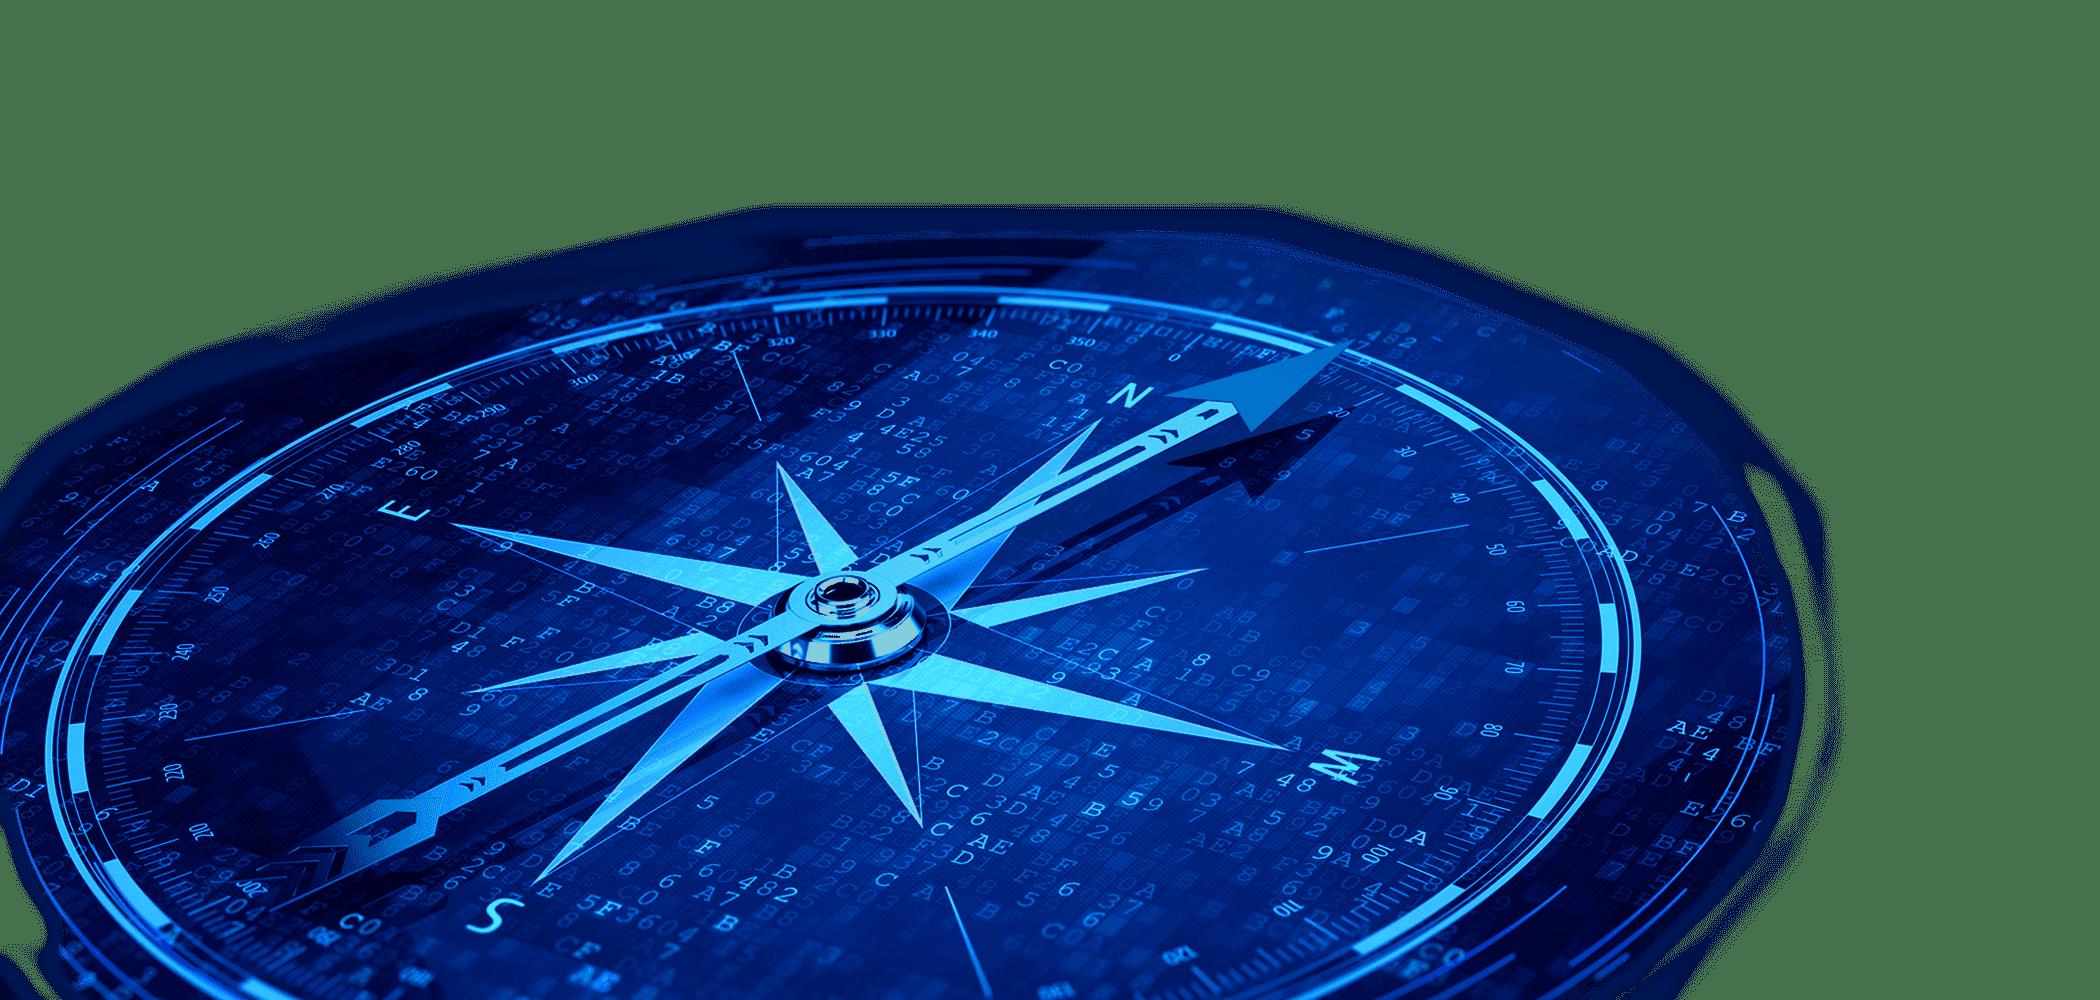 Planetguide marketing Compass